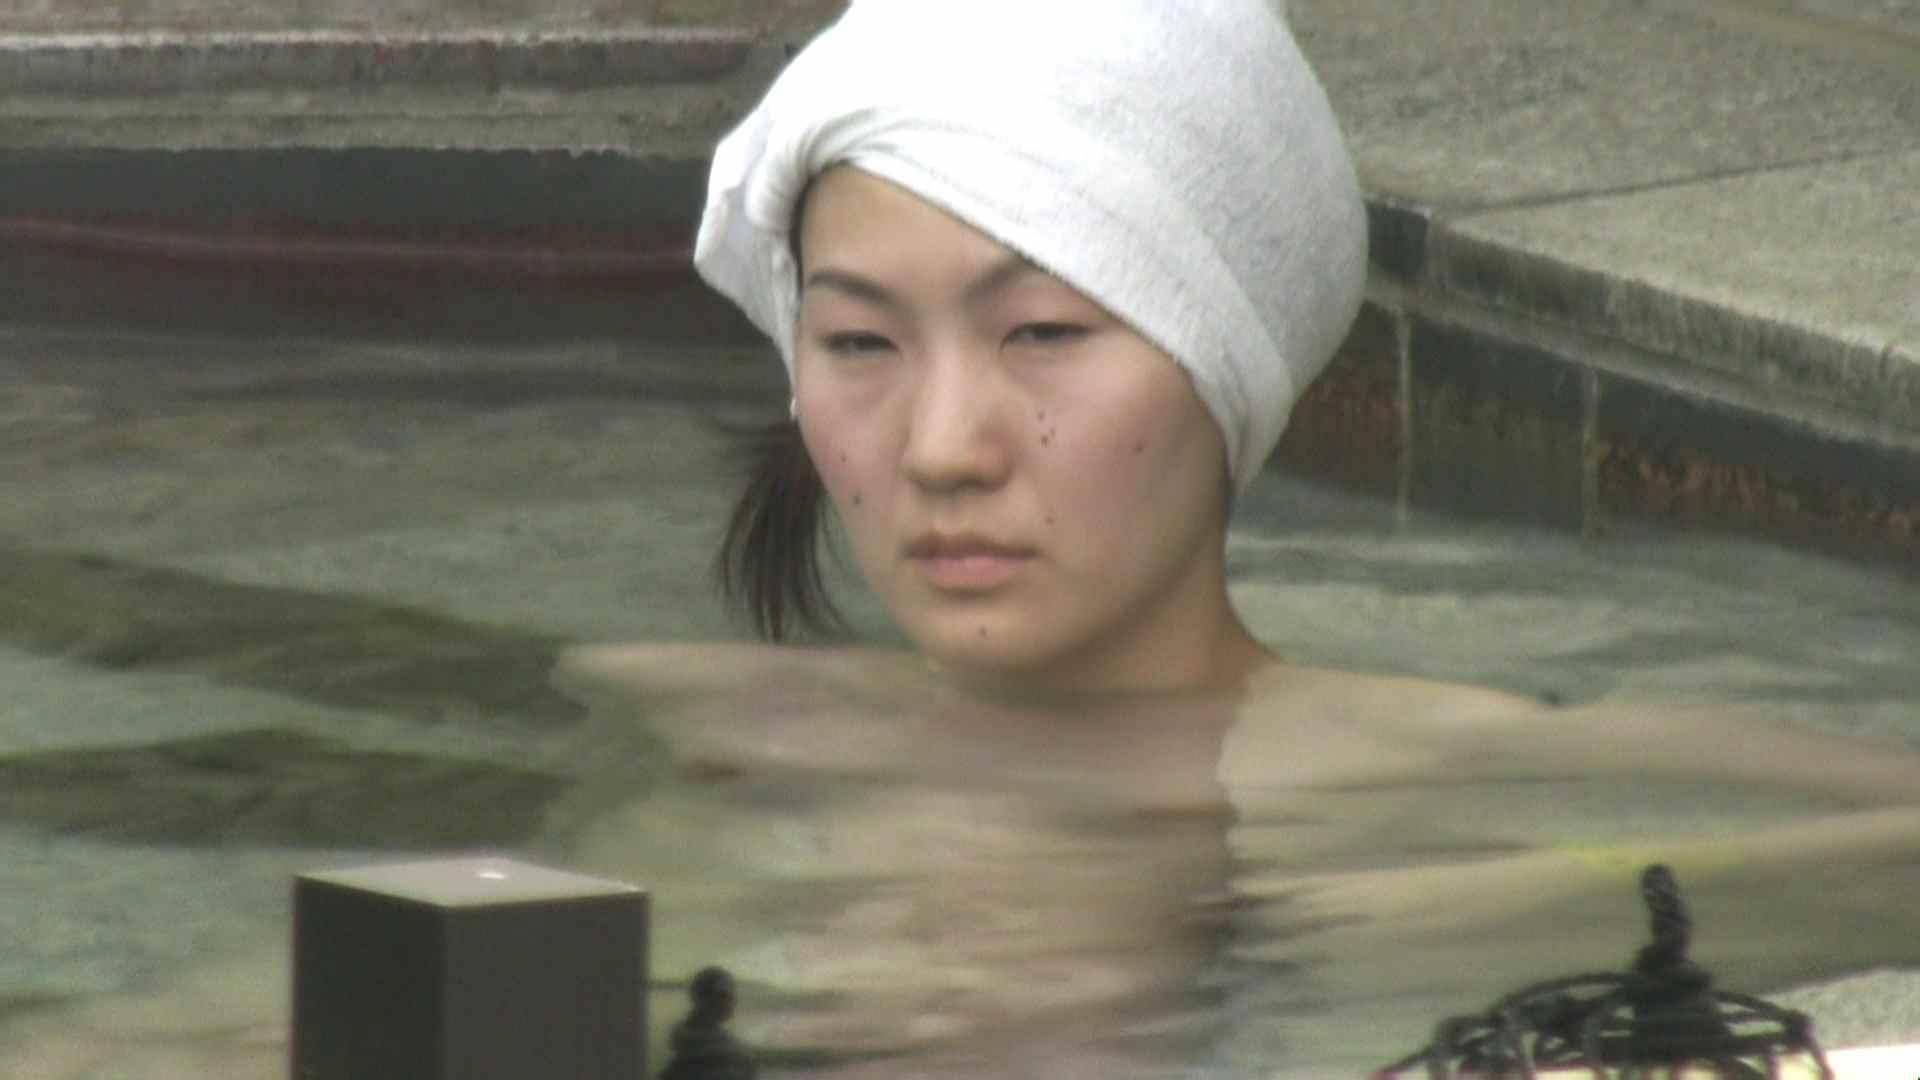 高画質露天女風呂観察 vol.034 入浴 AV動画キャプチャ 103PIX 45